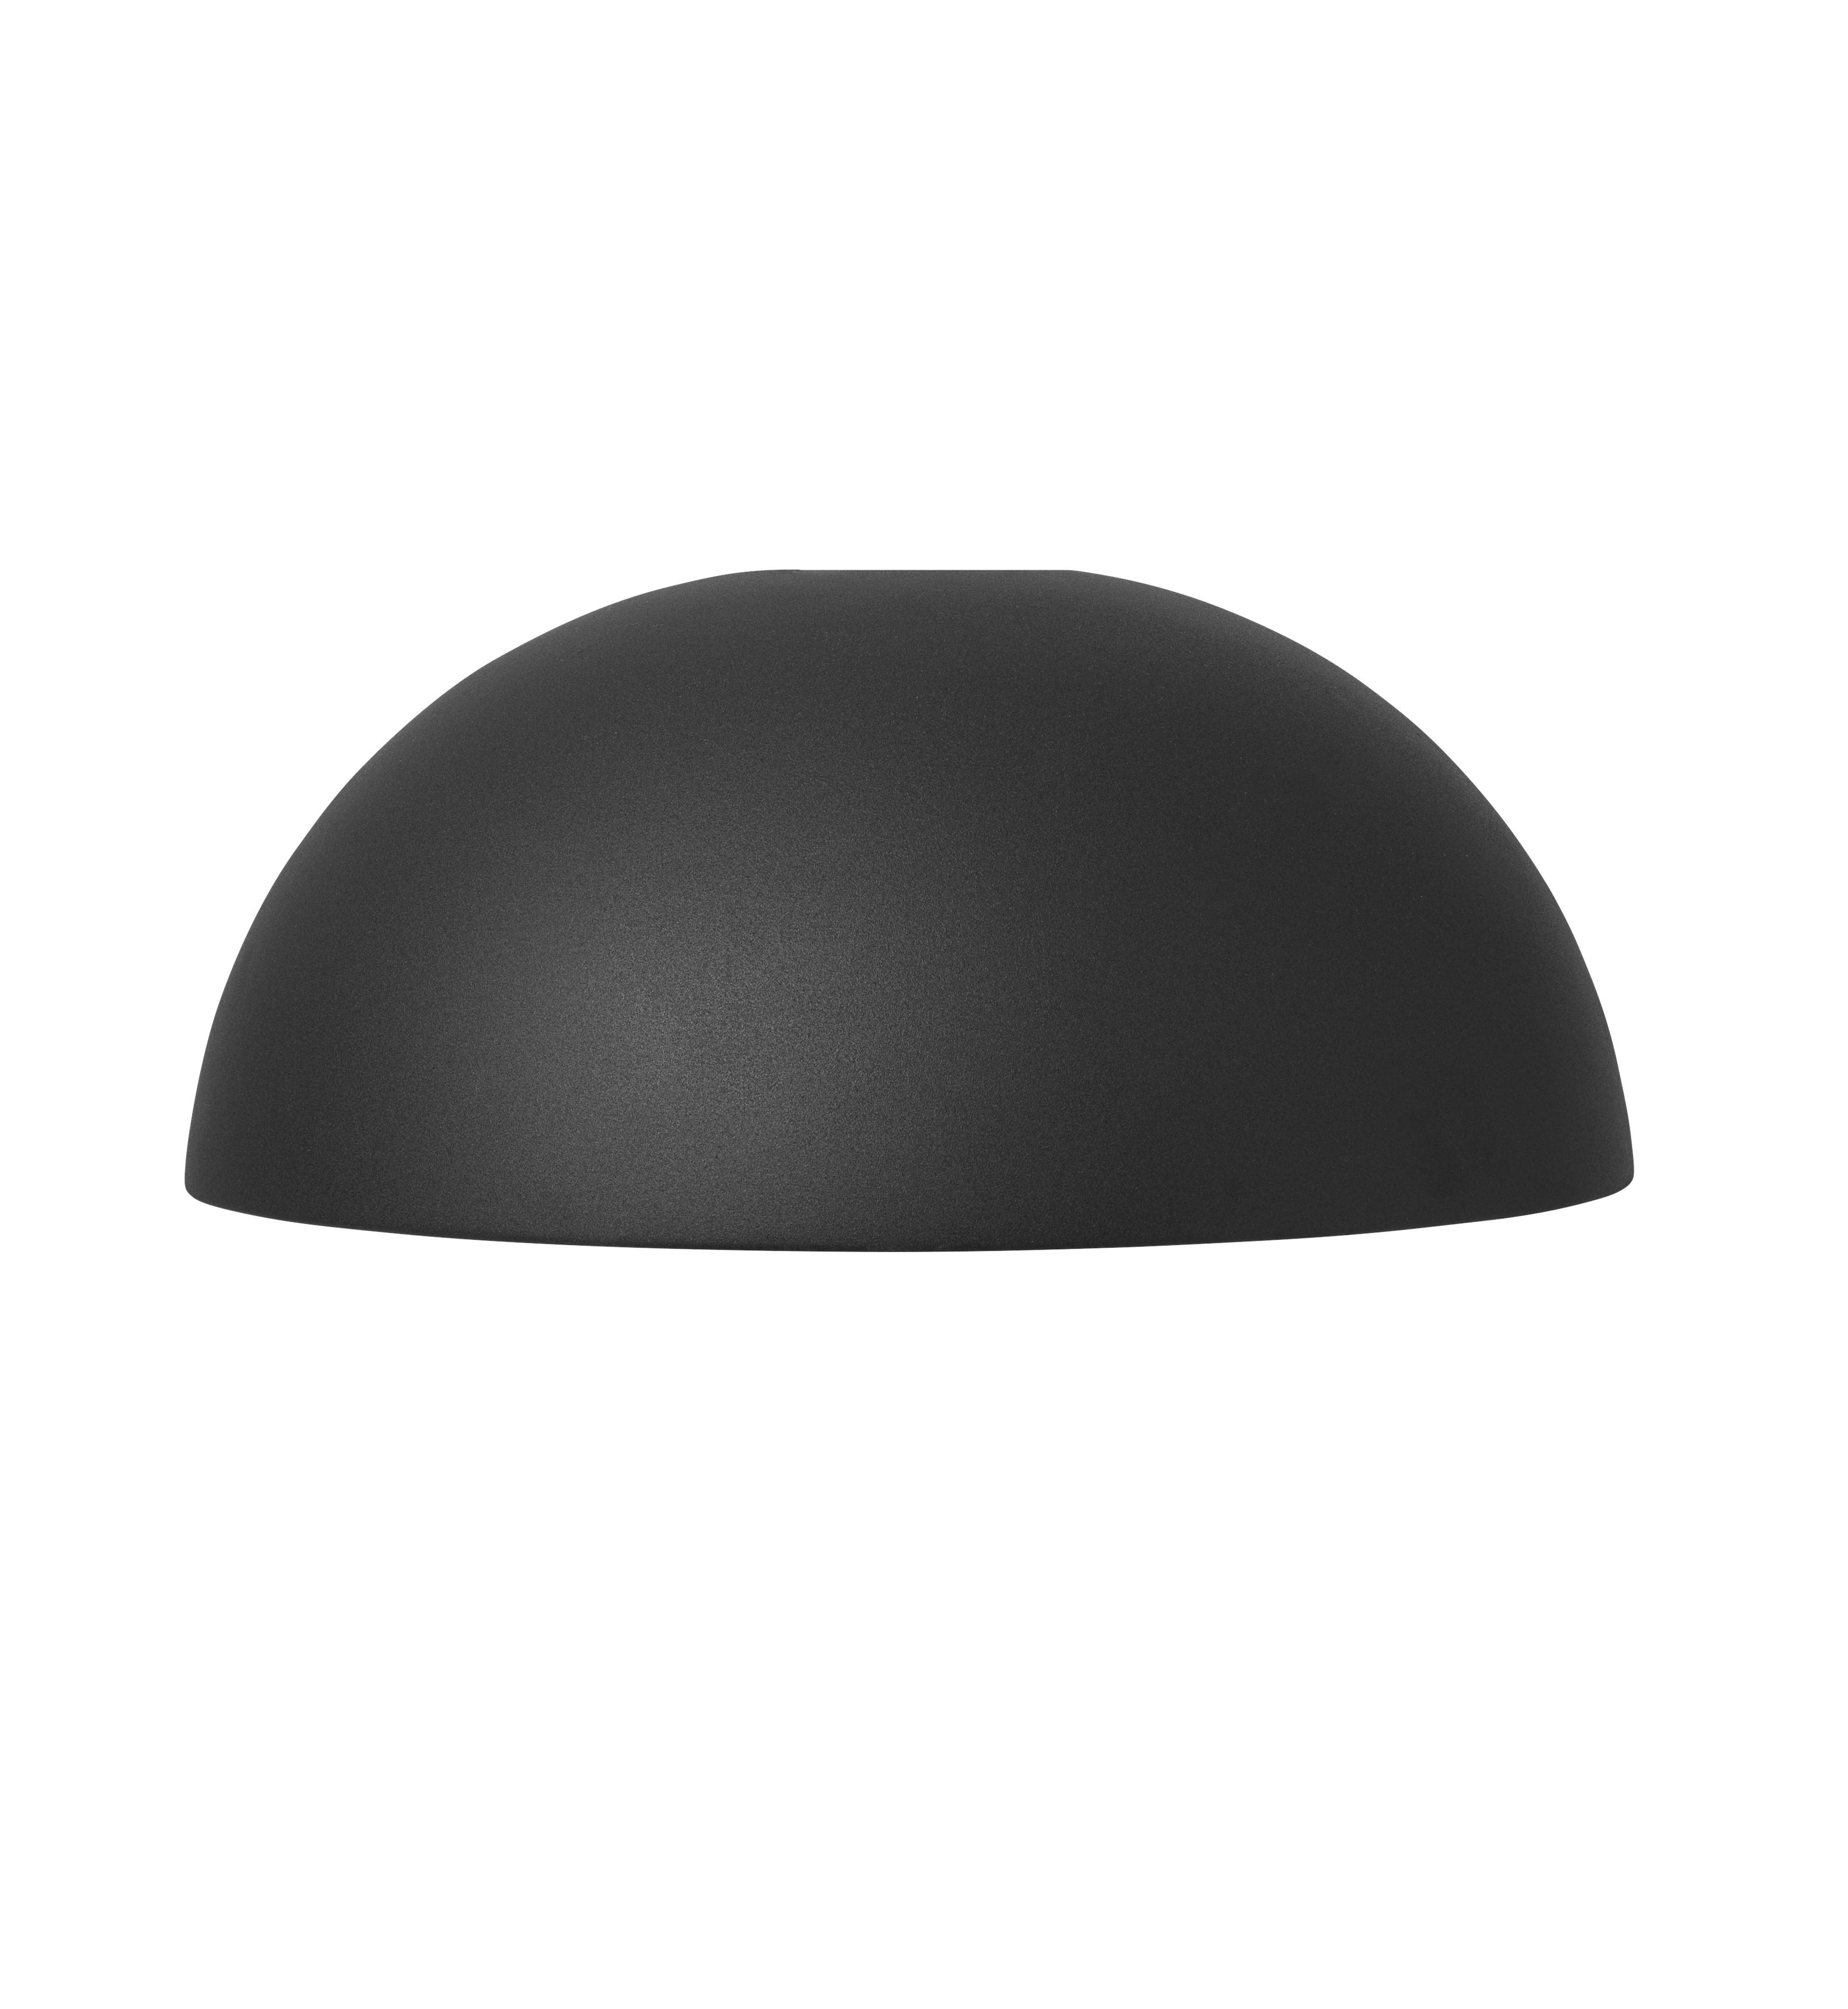 abat jour dome collect collection de ferm living black. Black Bedroom Furniture Sets. Home Design Ideas